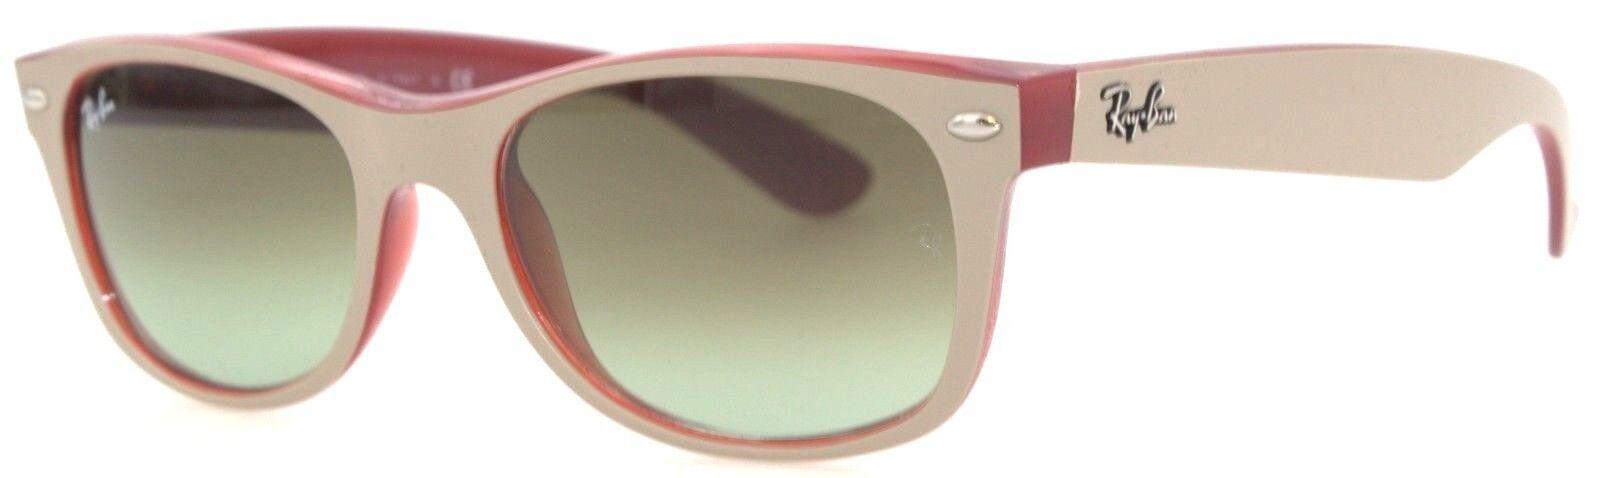 Ray-Ban Herren Damen Sonnenbrille RB2132 6307/A6 Gr 52 NEW WAYFARER BS M6 H